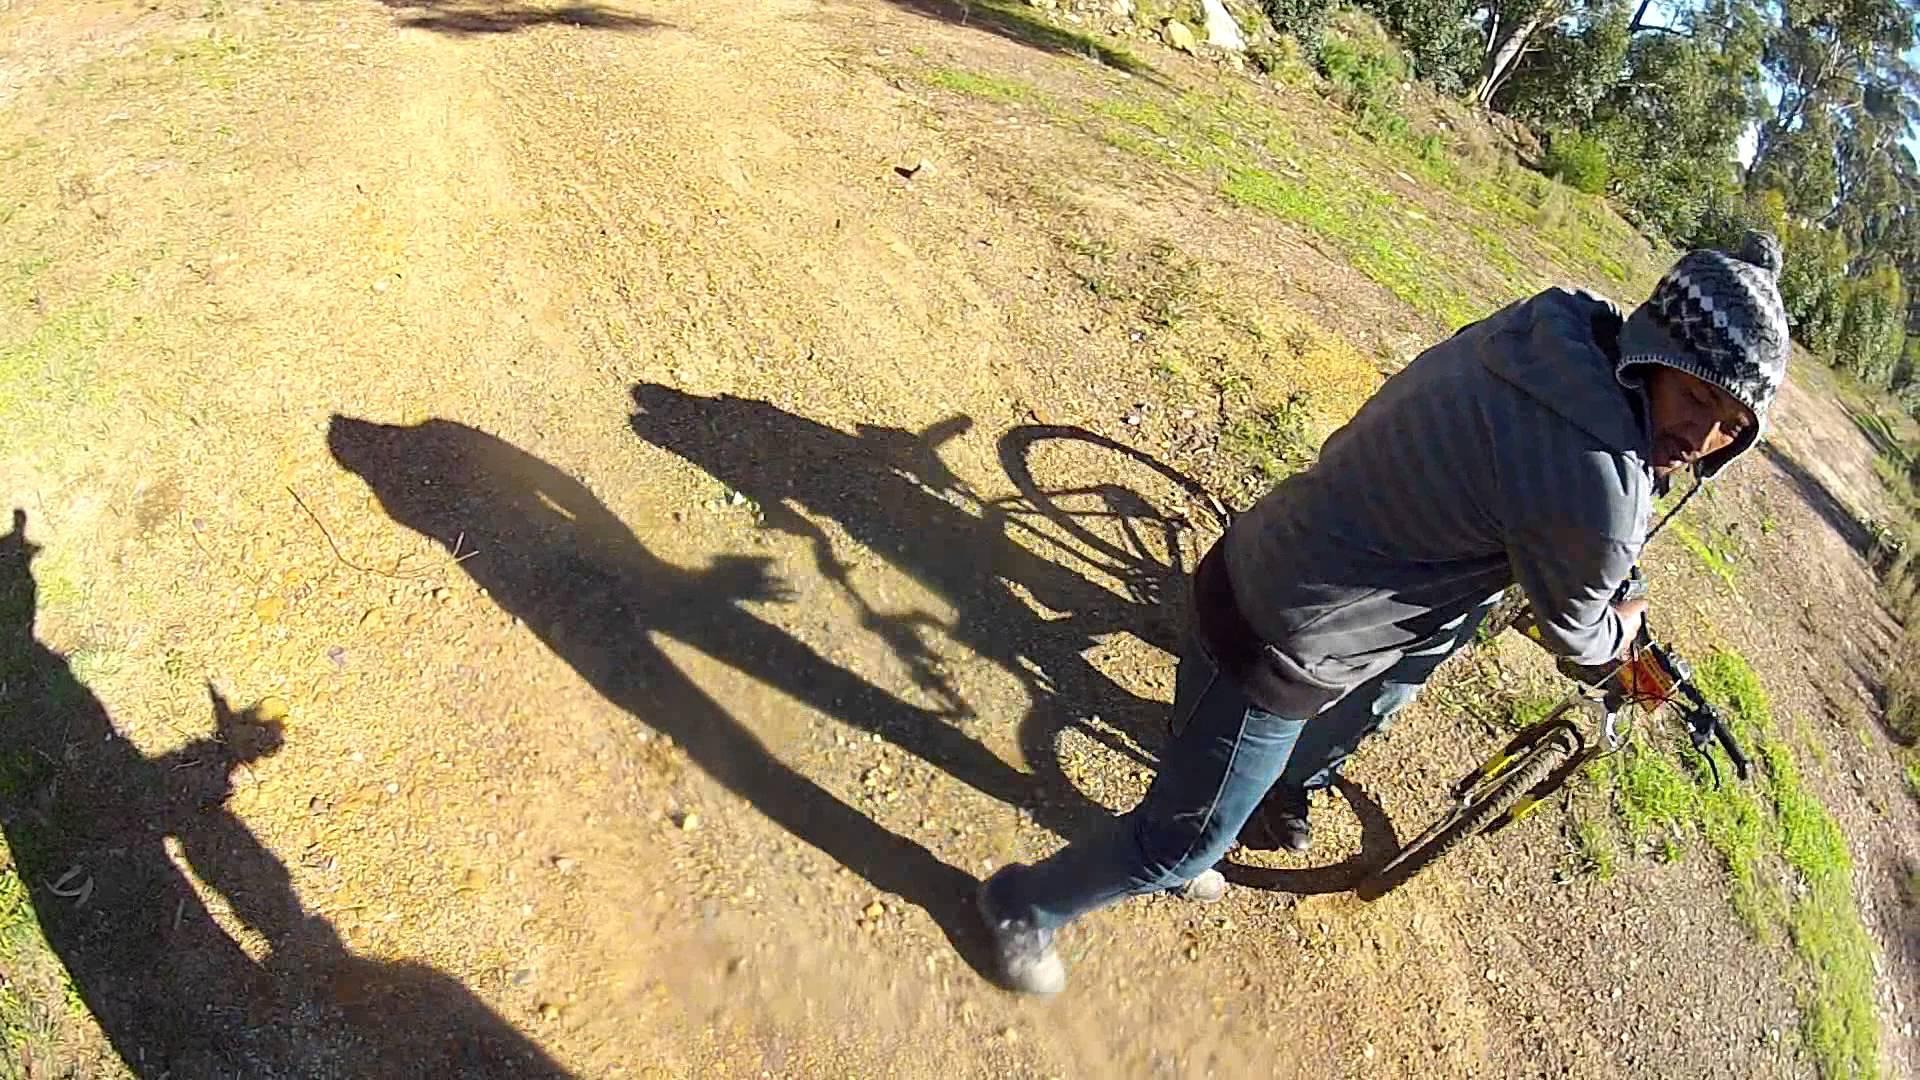 GoPro Captures Mugging At Gunpoint